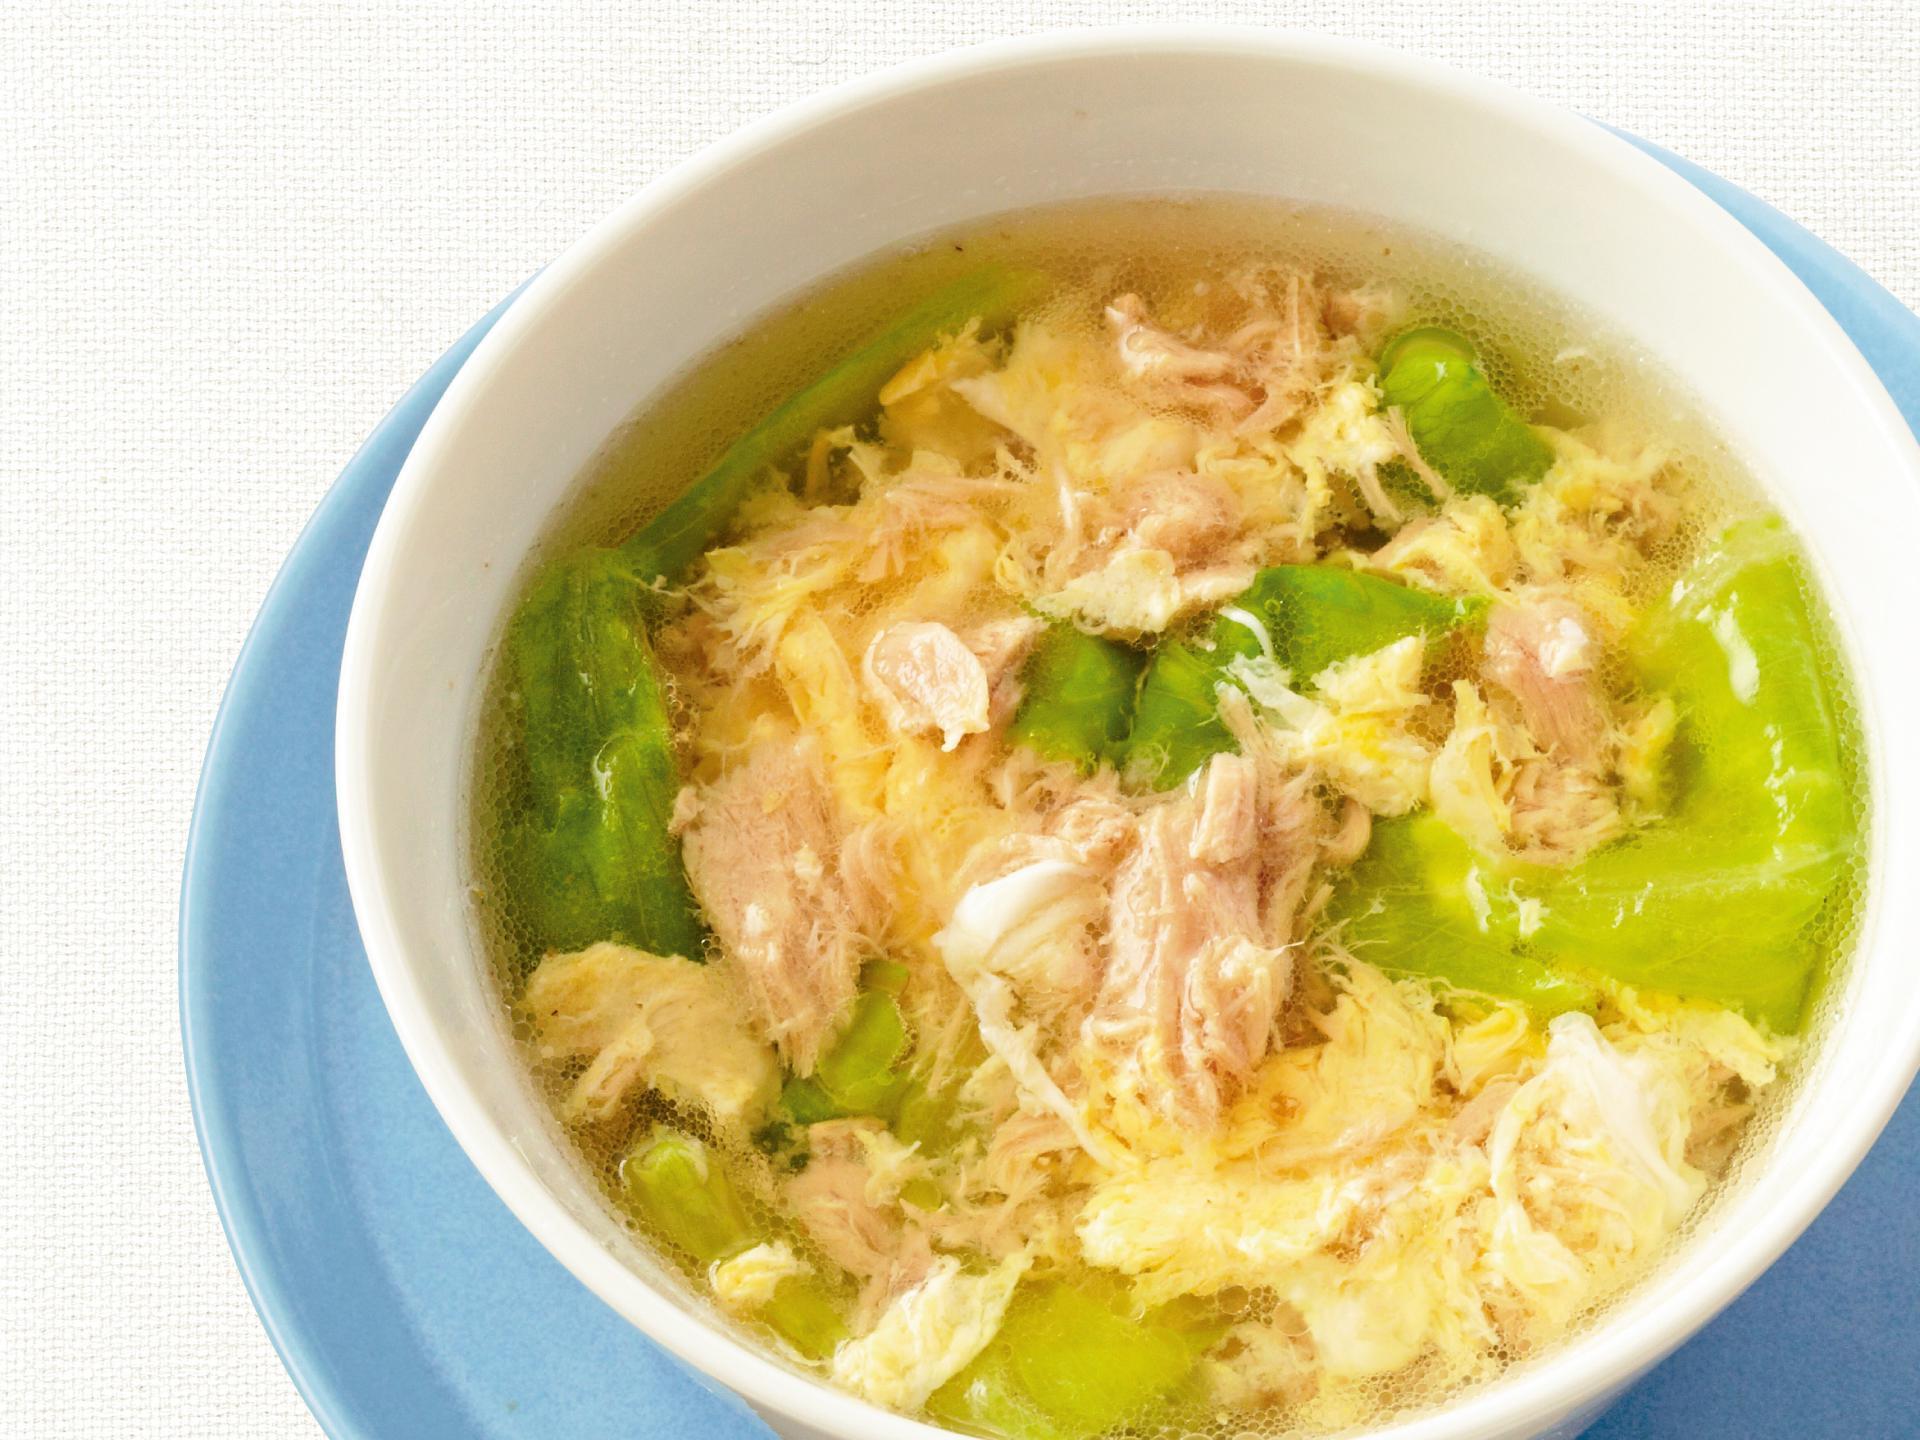 シーチキンとレタスの中華卵スープ   シーチキンL ミニCookレシピ